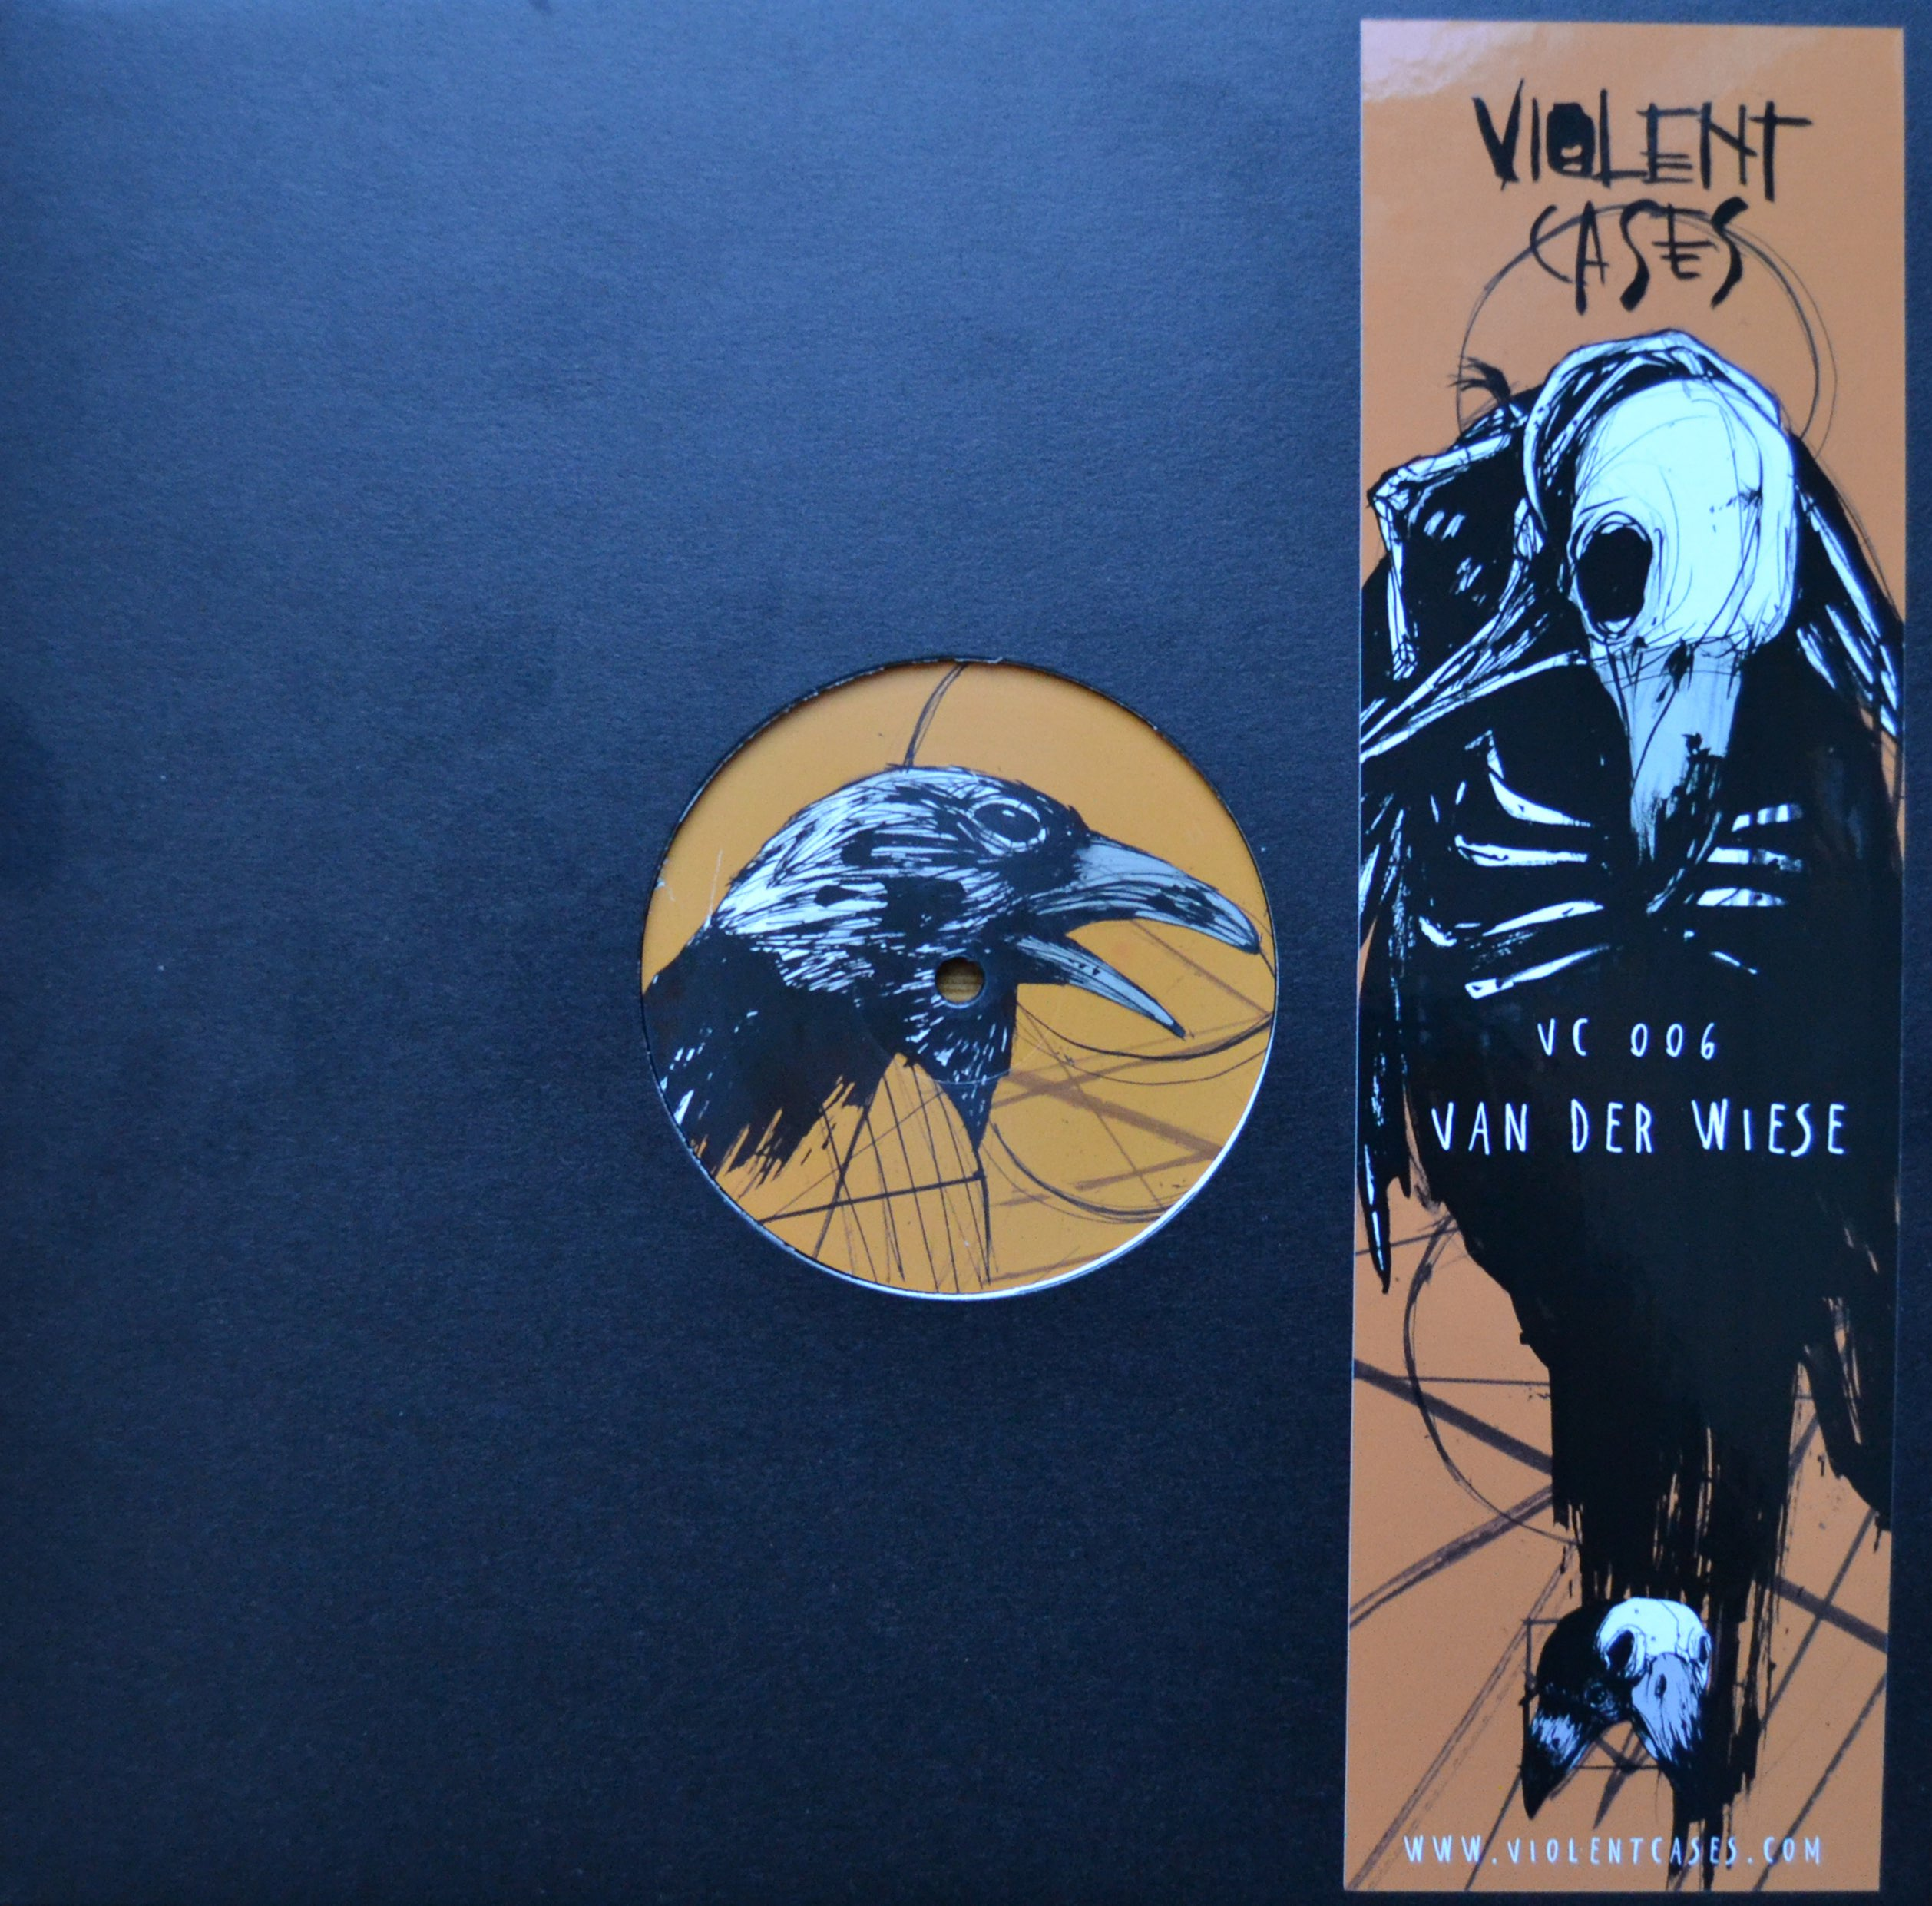 Violent Cases 006 - Van der Wiese